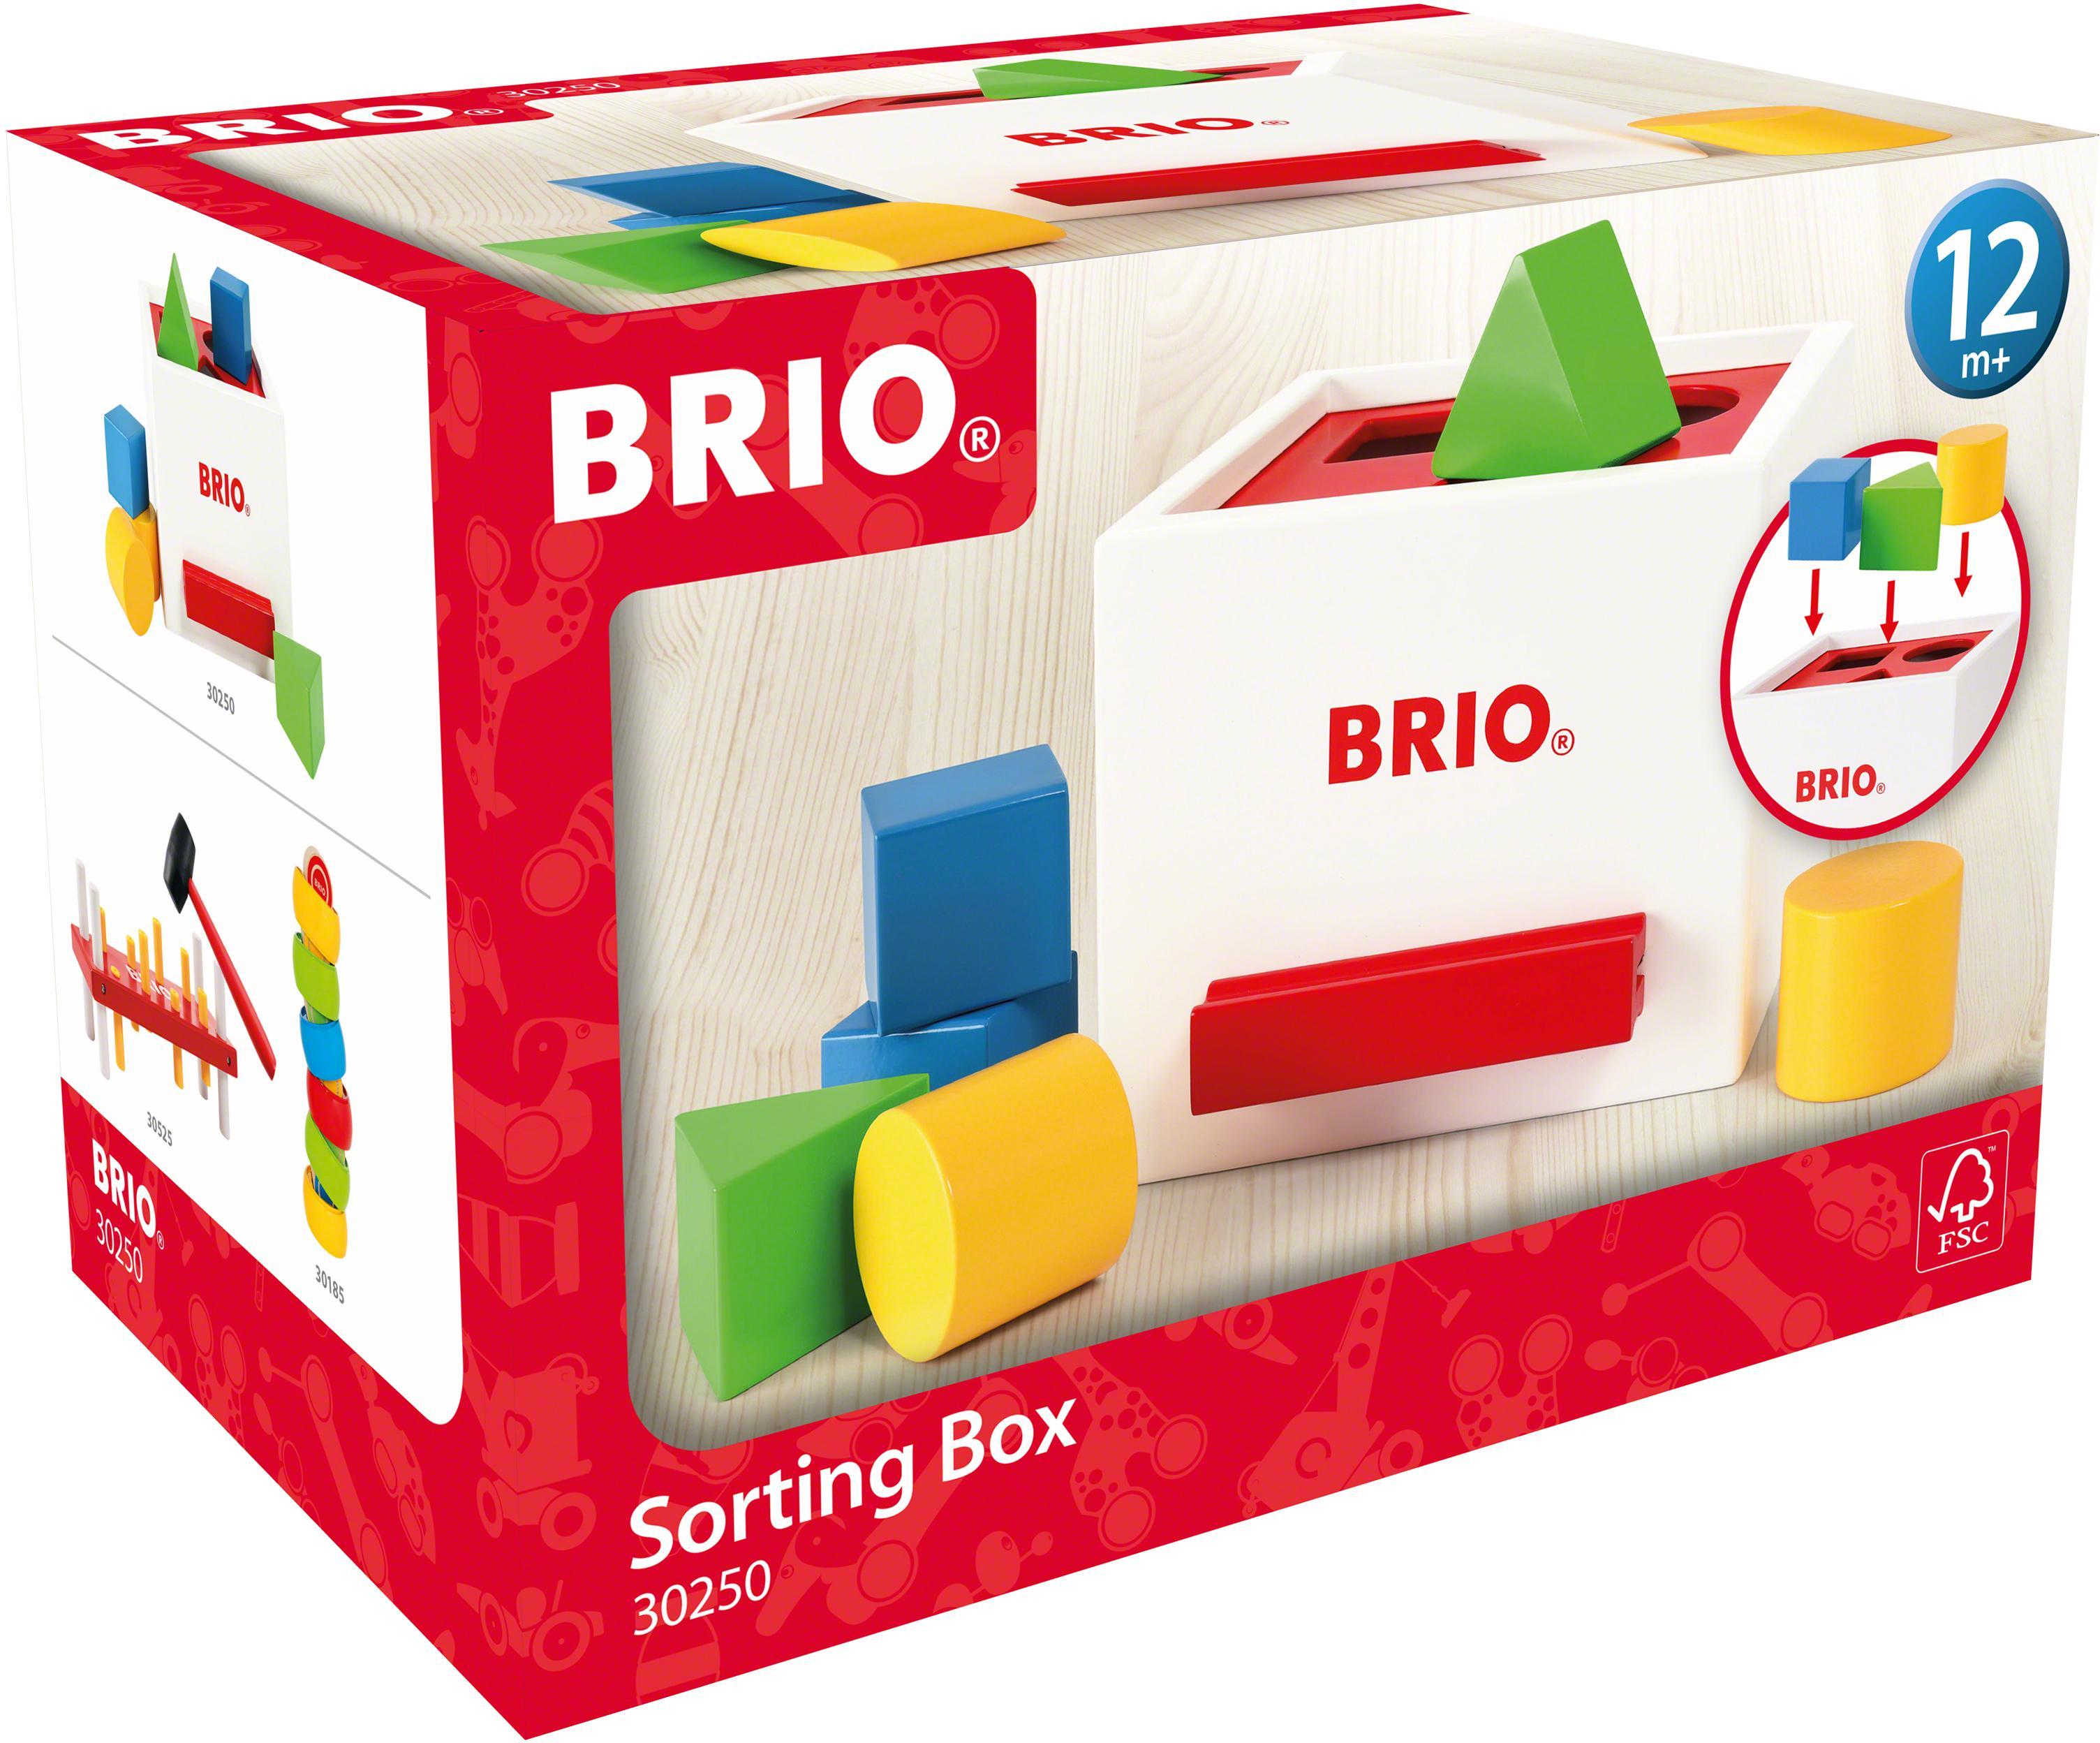 BRIO Steckspielzeug Sortierbox bunt Kinder Steck- Stapelspielzeug Baby Kleinkind